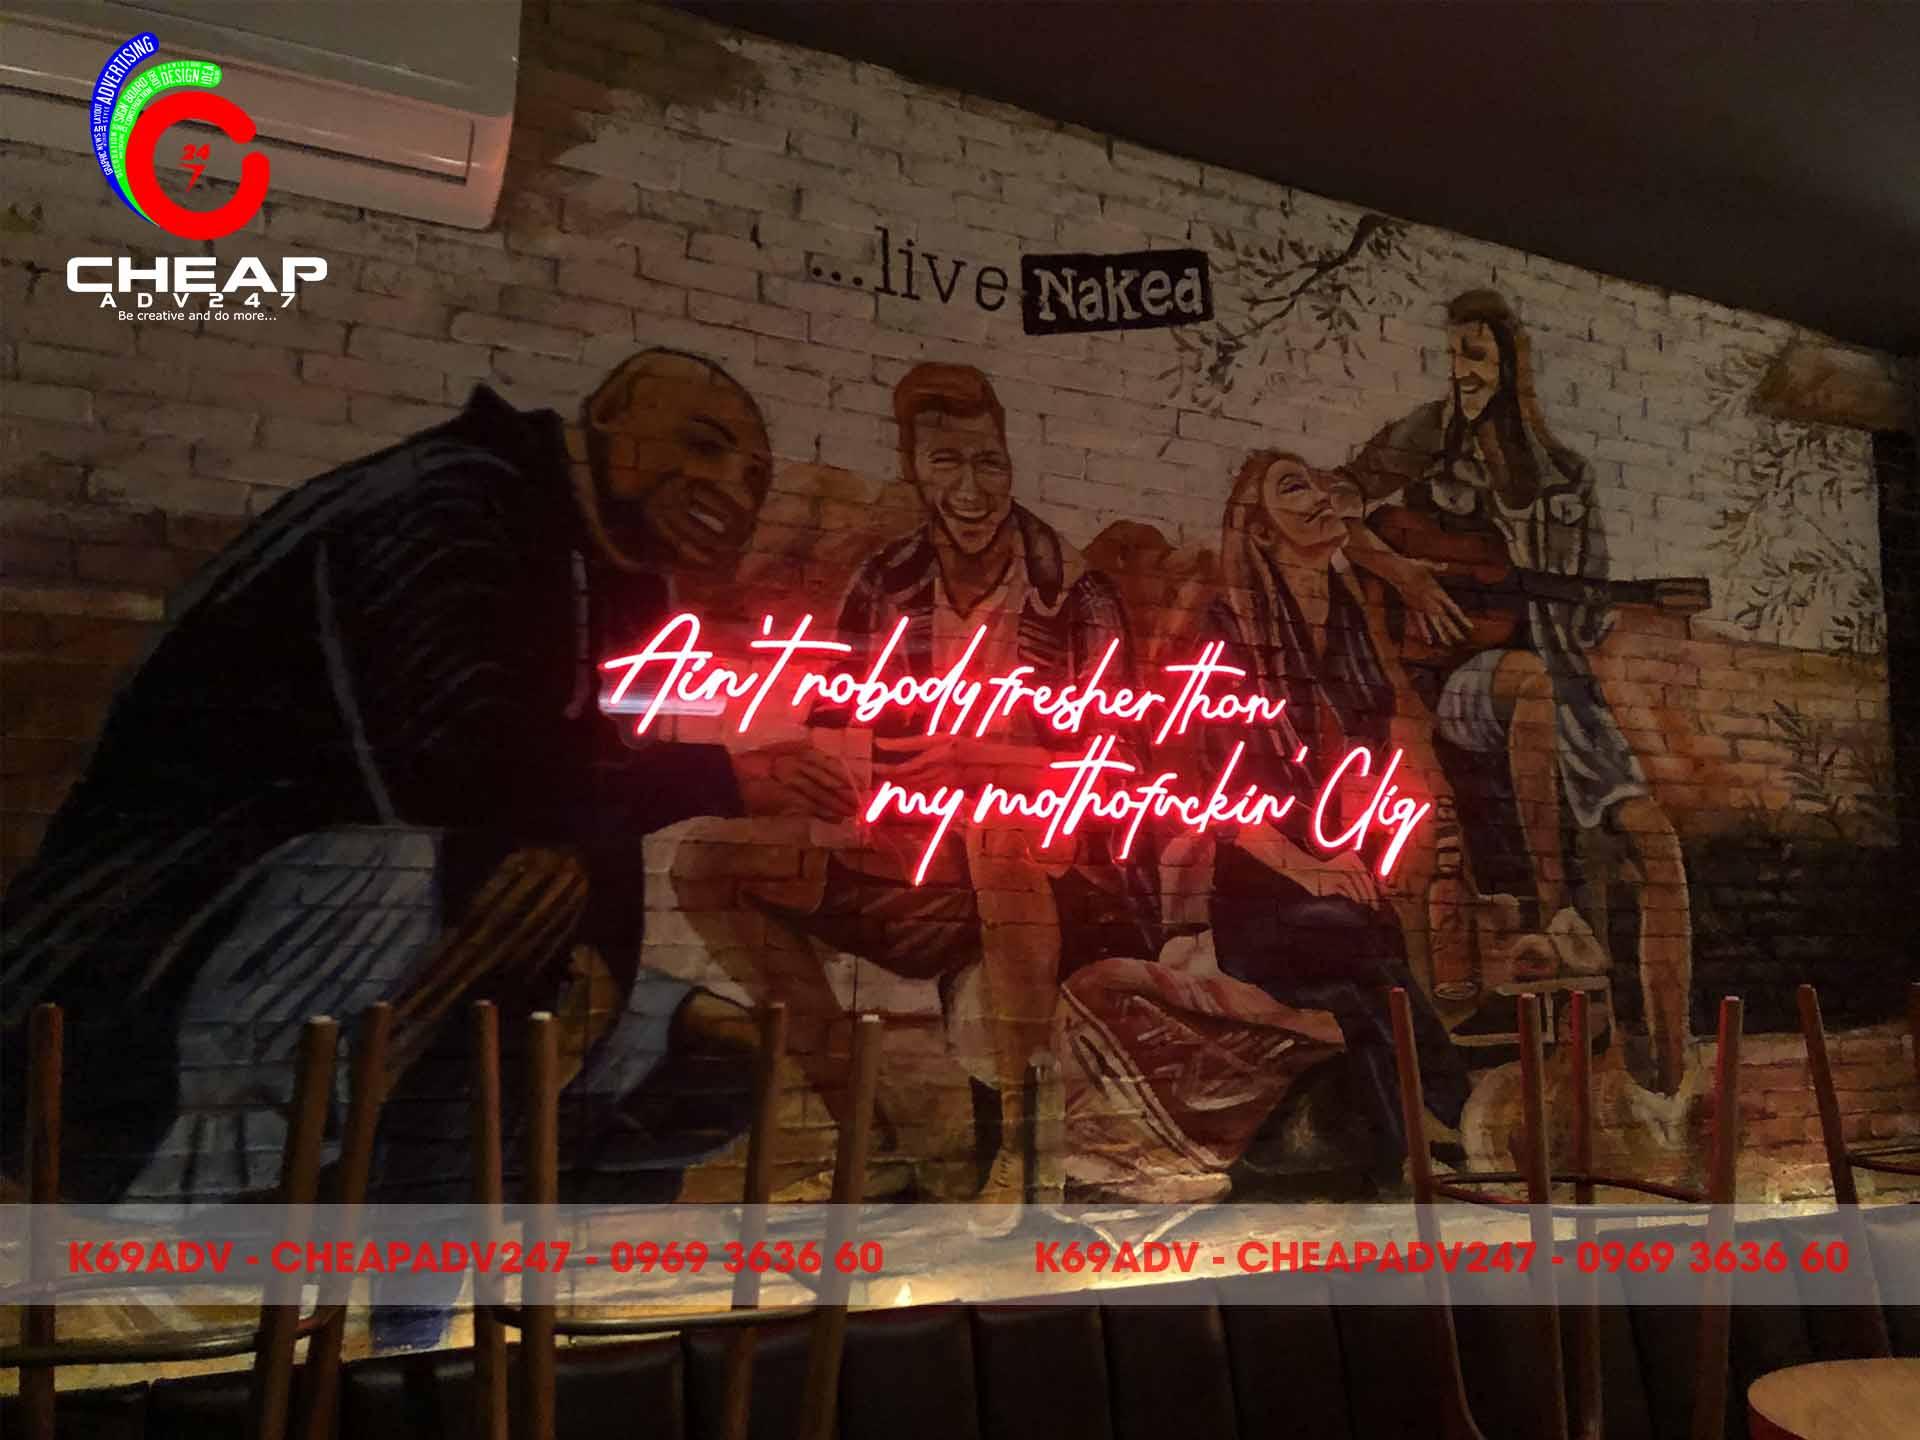 cận cảnh Bảng Hiệu Led Neon Sign Tại Quán Bar Cliq Sài Gòn Của Cheapadv247